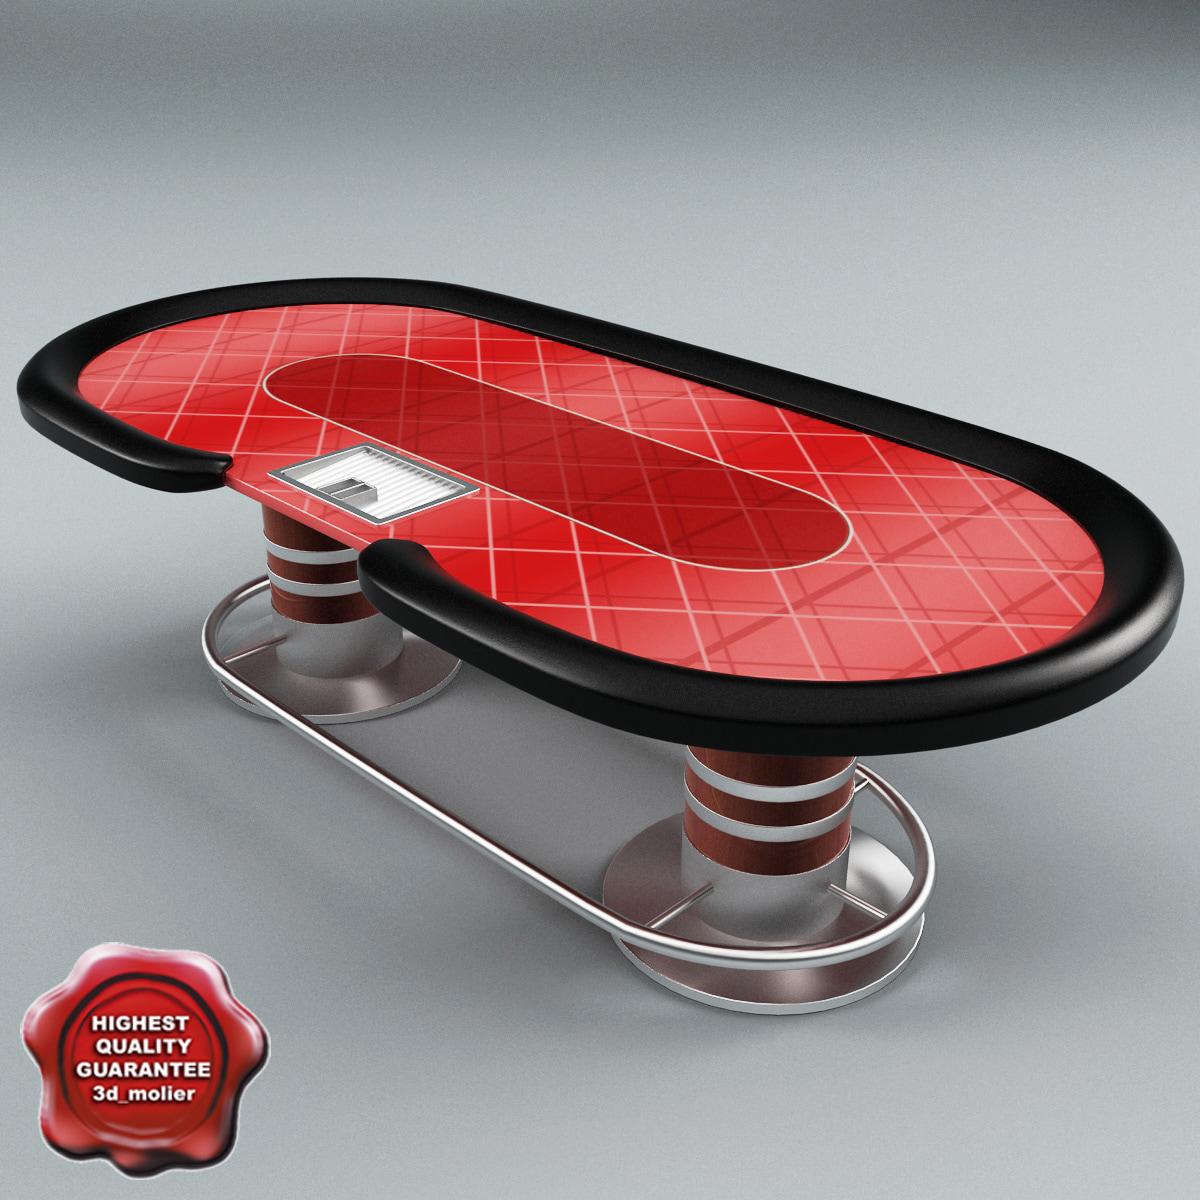 Poker_Table_V2_00.jpg